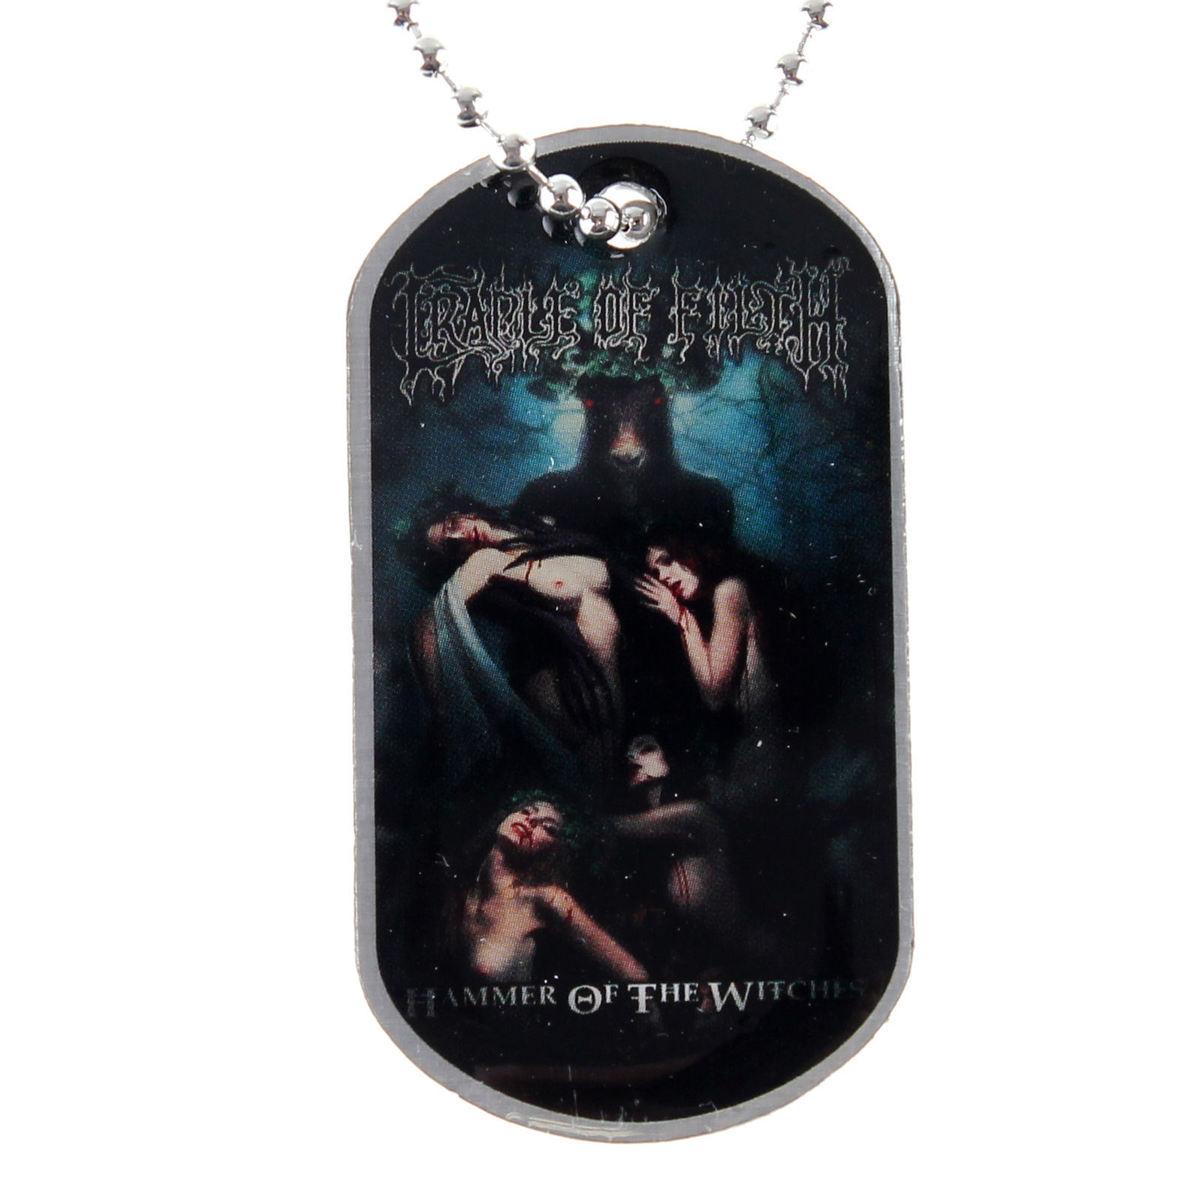 obojek (psí známka) Cradle of Filth